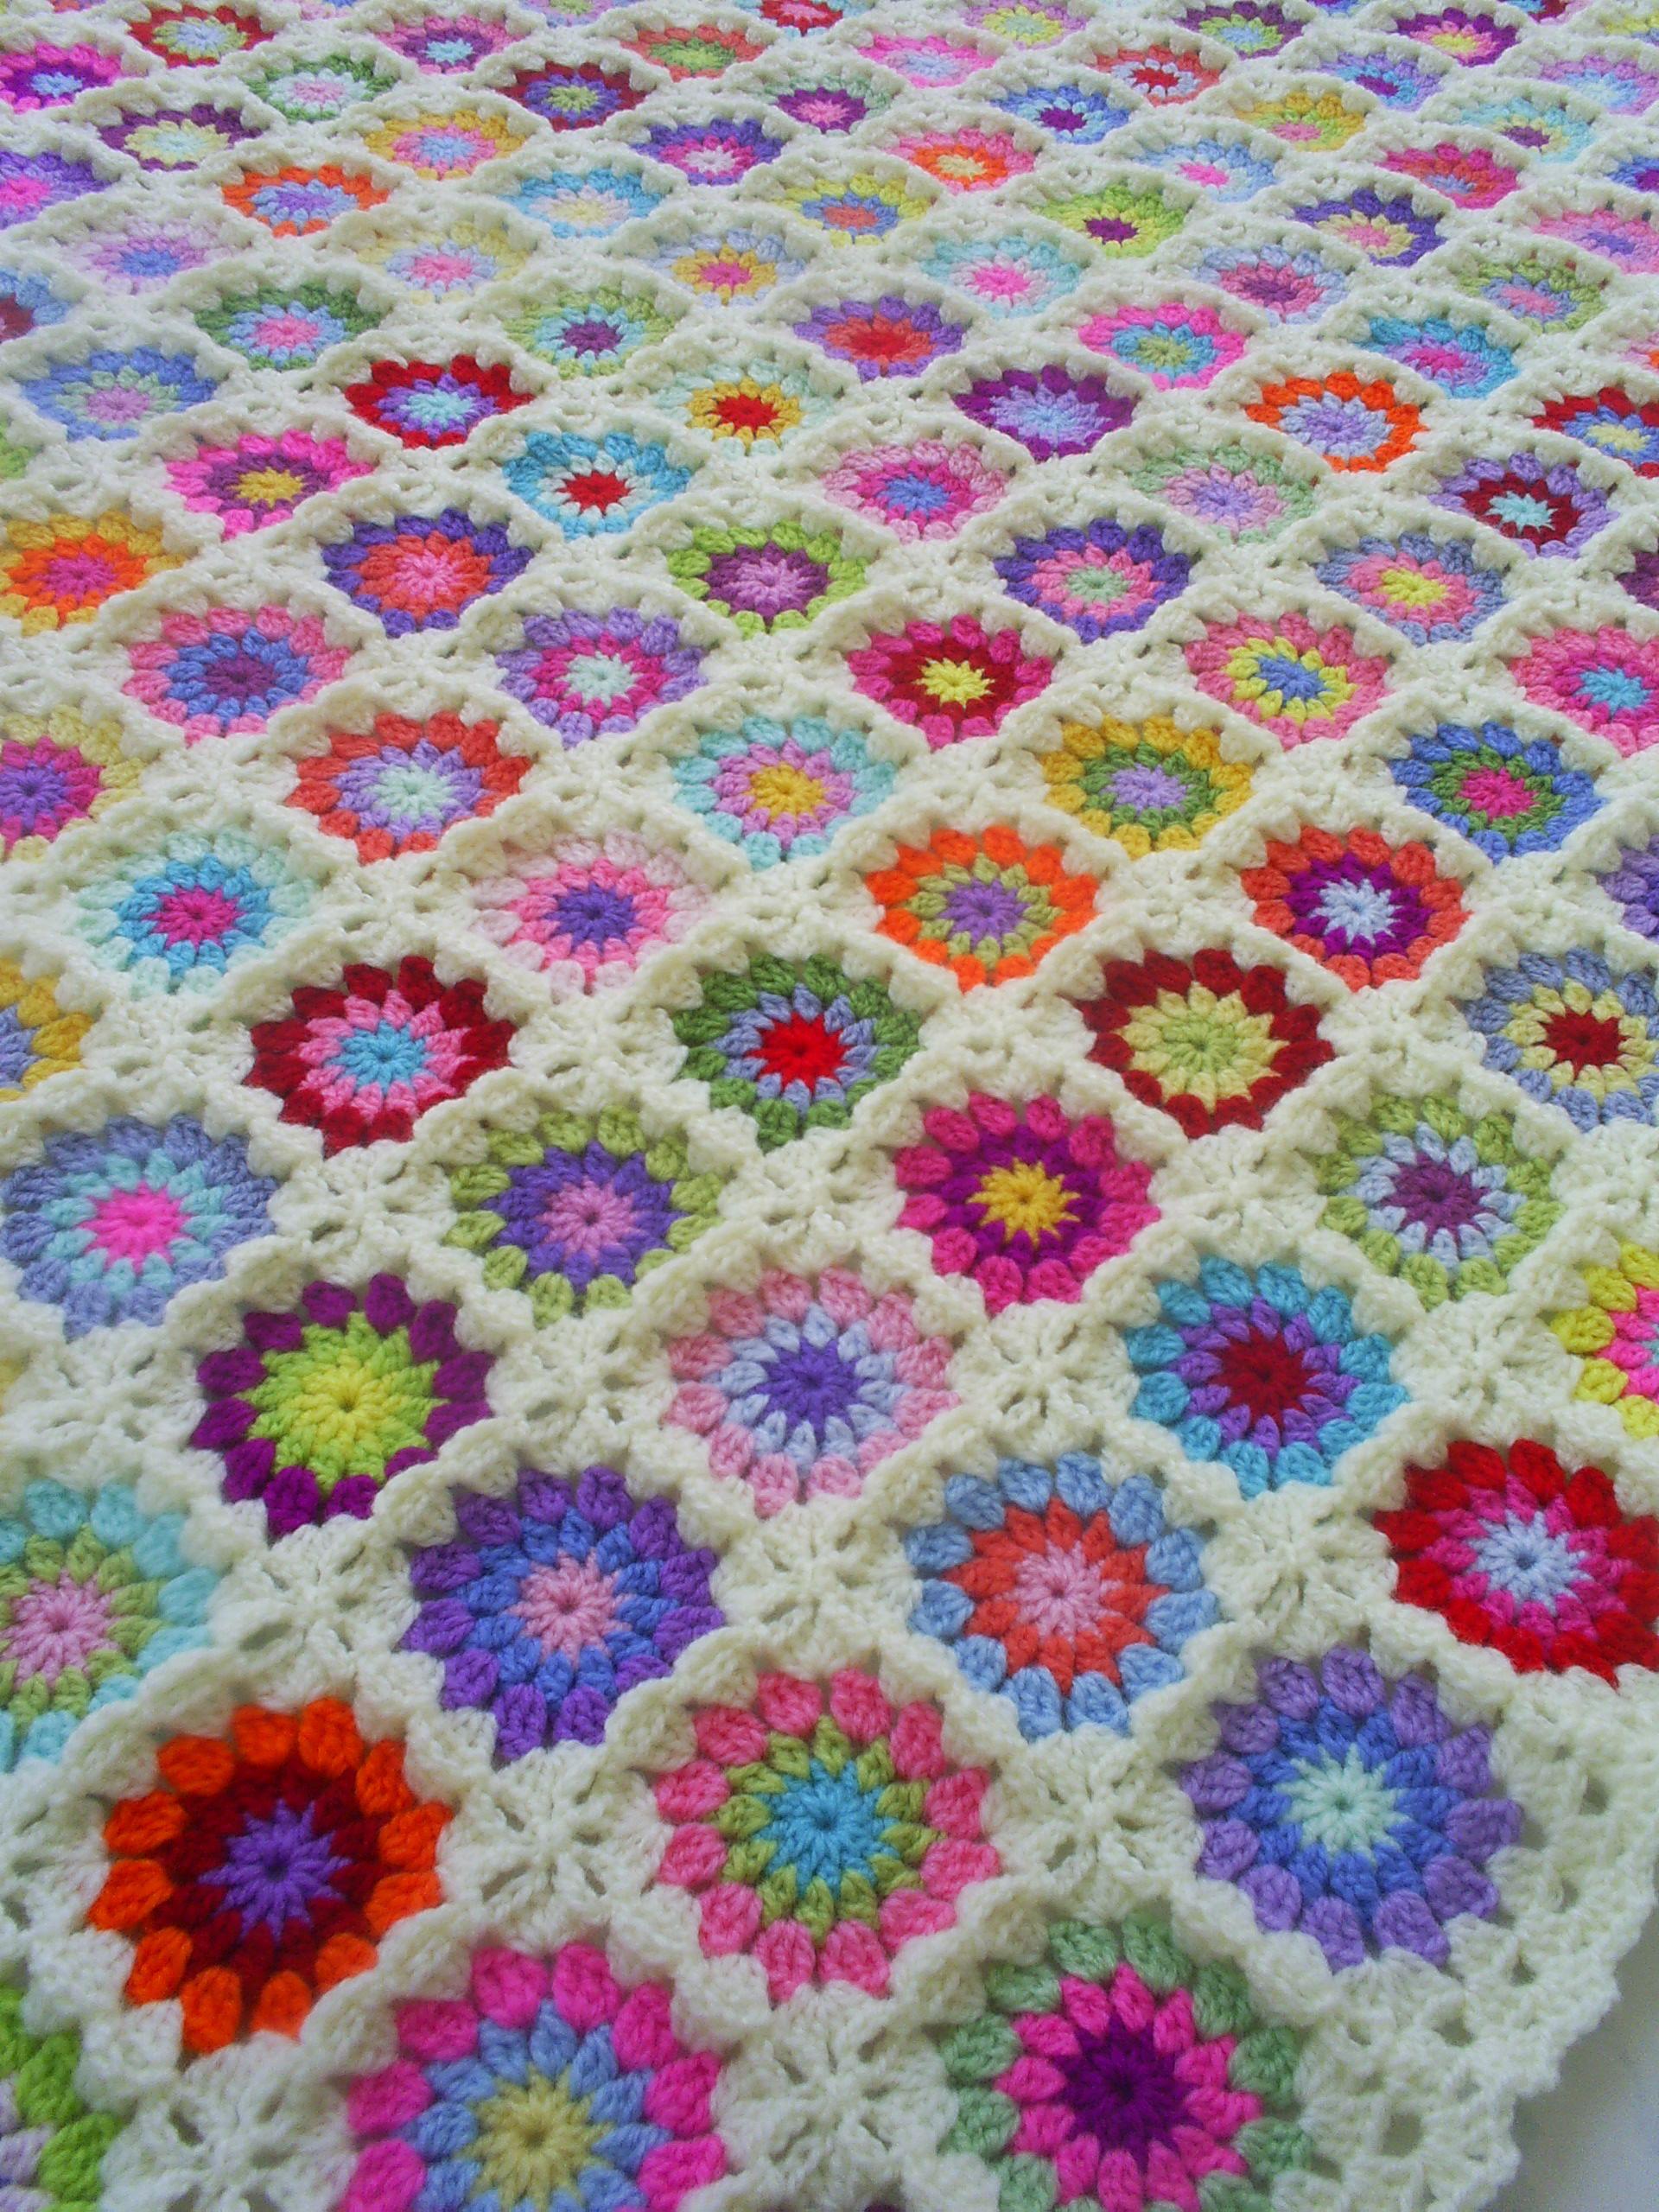 Crocheting Granny Square Blanket : Granny Squares